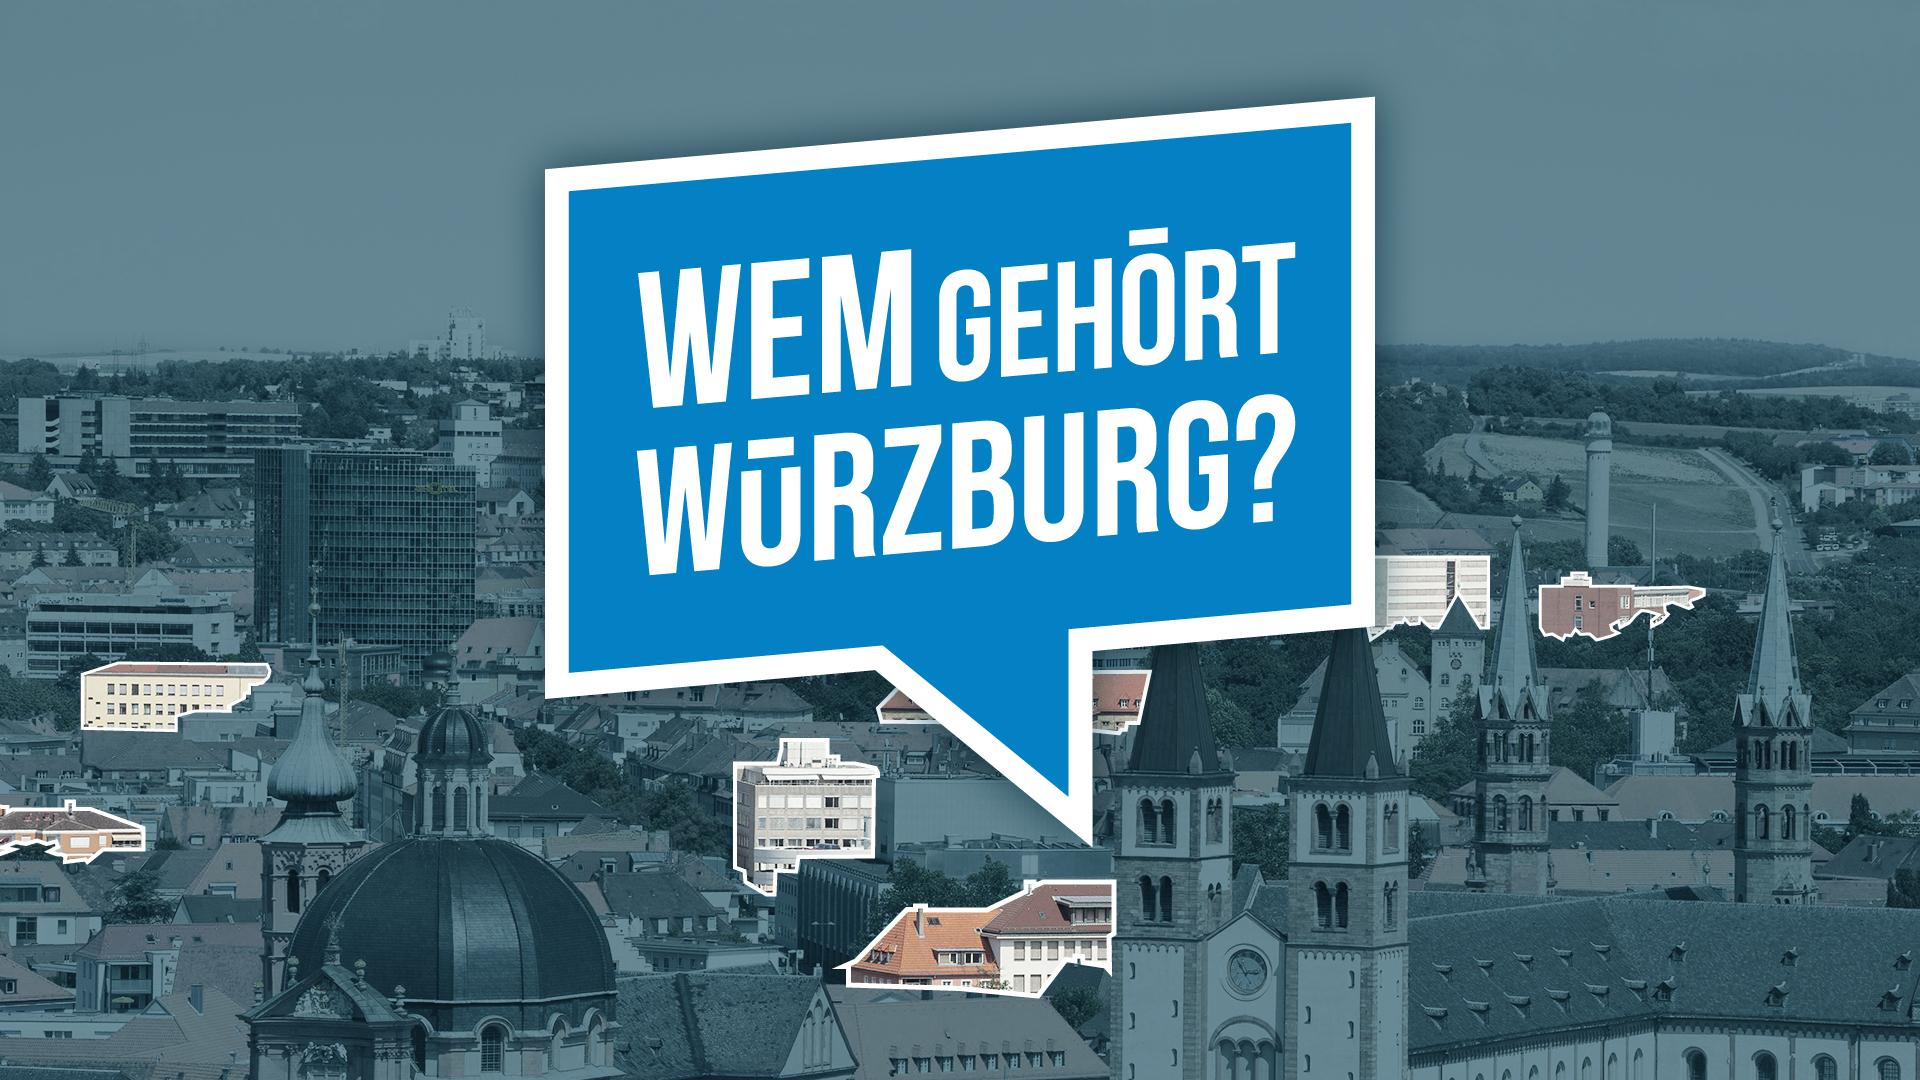 Wem gehört Würzburg? Die Bürgerrecherche von BR und Correctiv